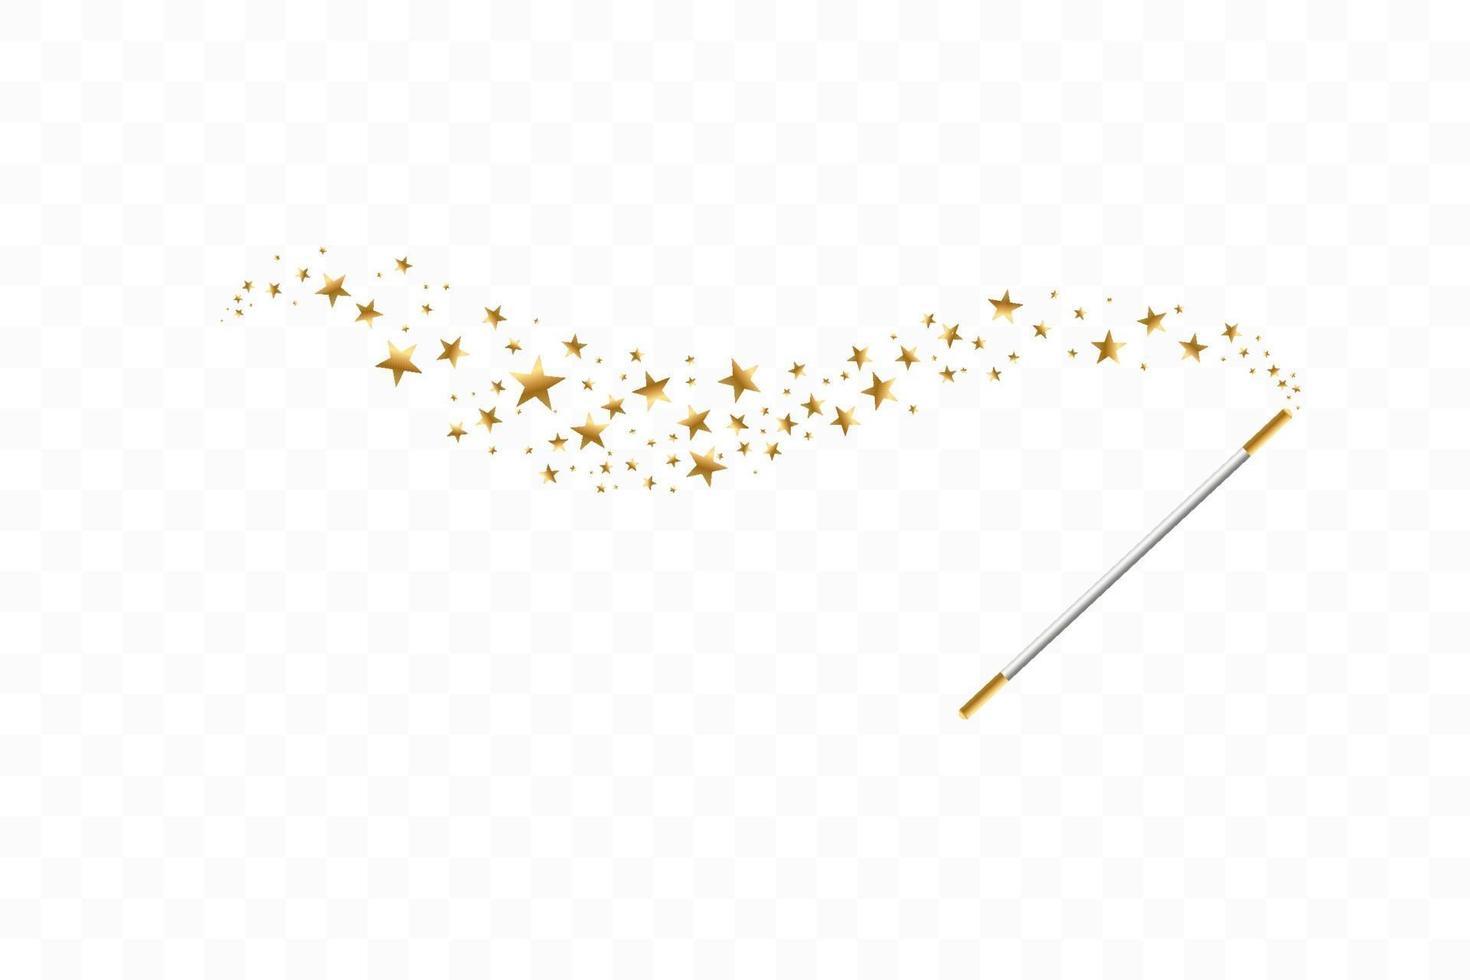 trollstav med stjärnor. spår av gulddamm. magisk abstrakt bakgrund isolerad. mirakel och magi. vektor